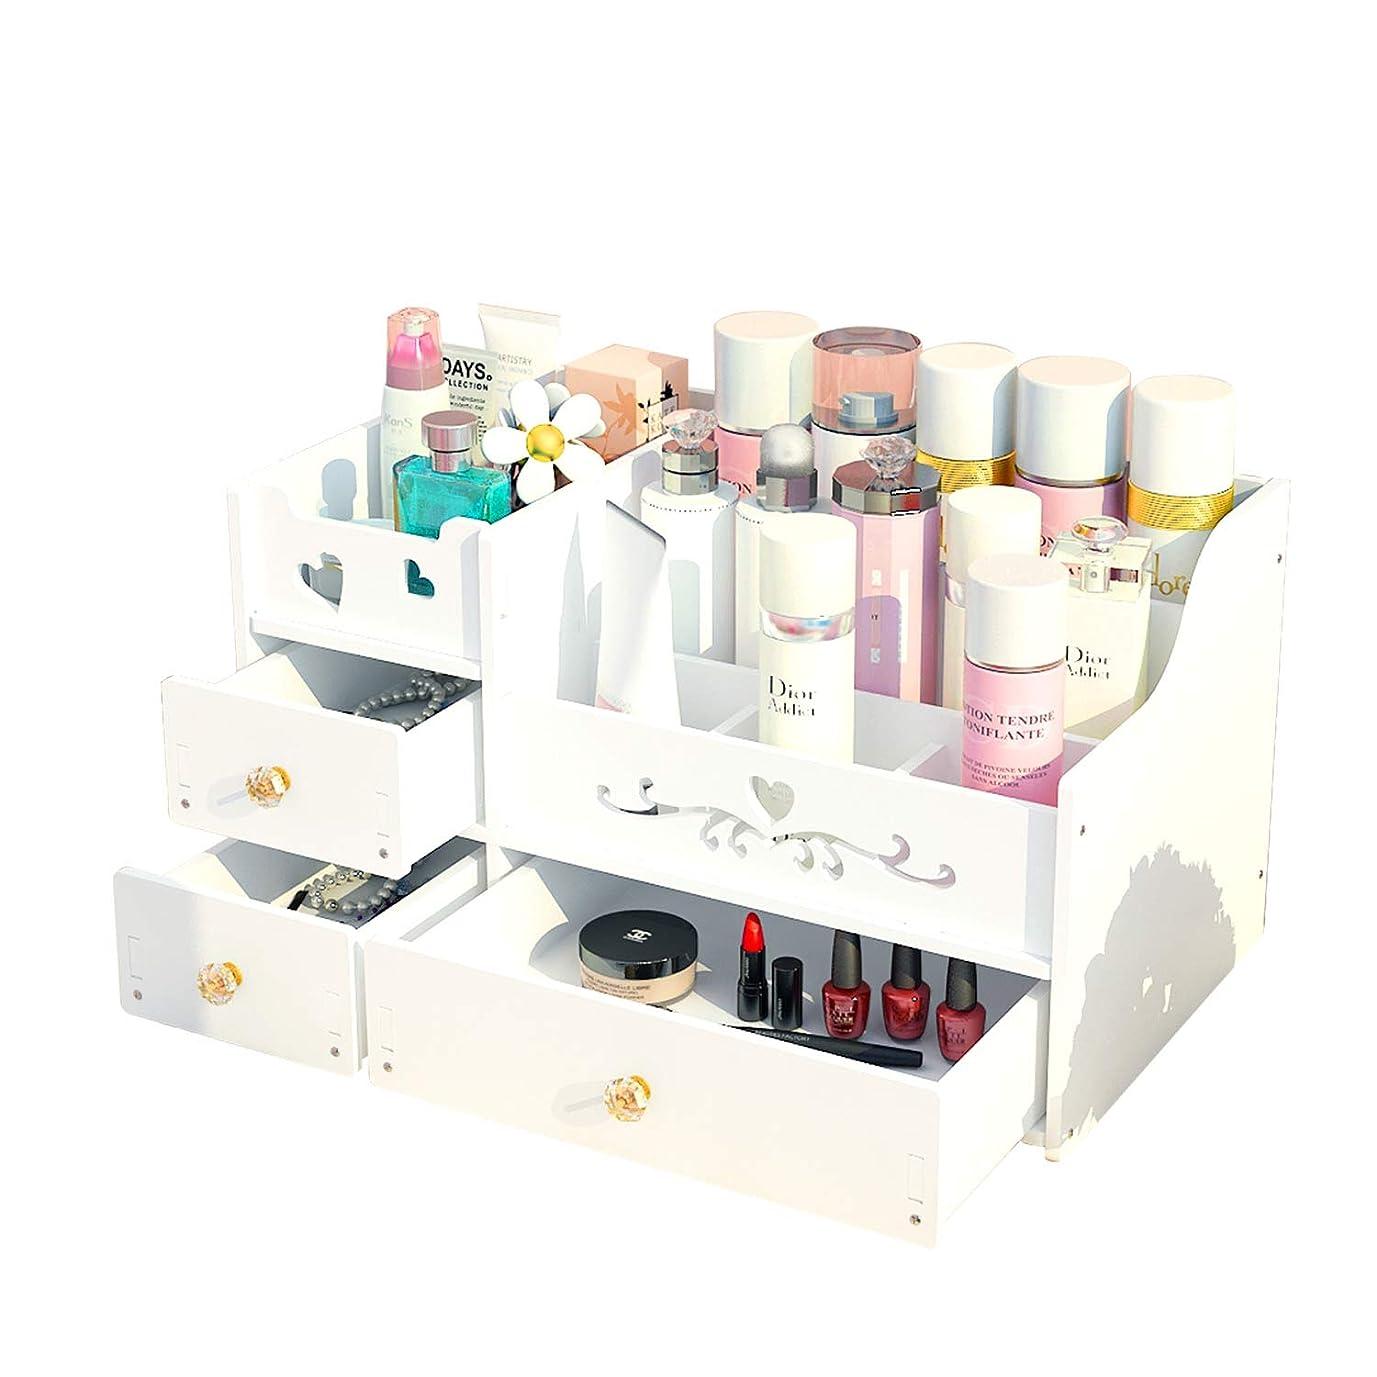 主人ウミウシ相互化粧品収納 白 洗面所 ボックス 仕切り 大容量 組み立て メイクボックス コスメボックス 木製 卓上 DIY 整理 小物入れ 収納引き出し 化粧品収納ボックス コスメ収納ボックス